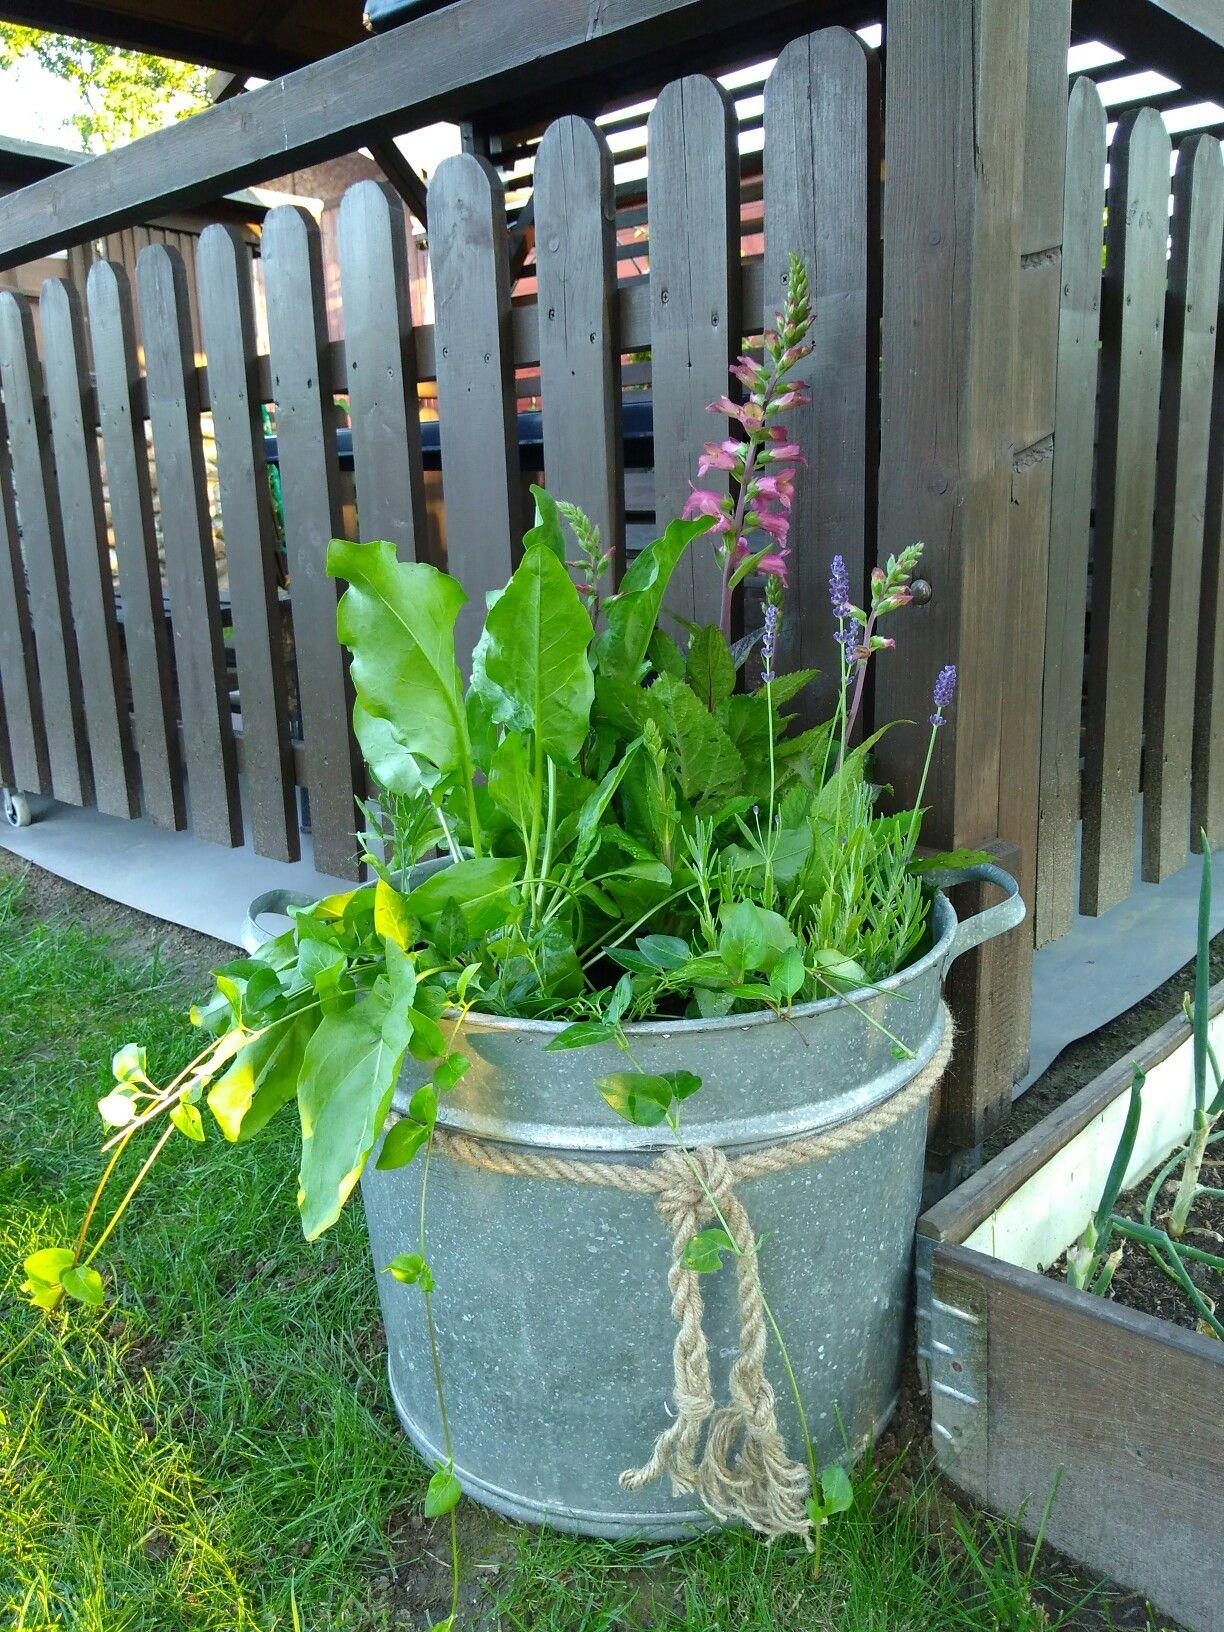 Pin By Bernadeta On Moje Pomysly Plants